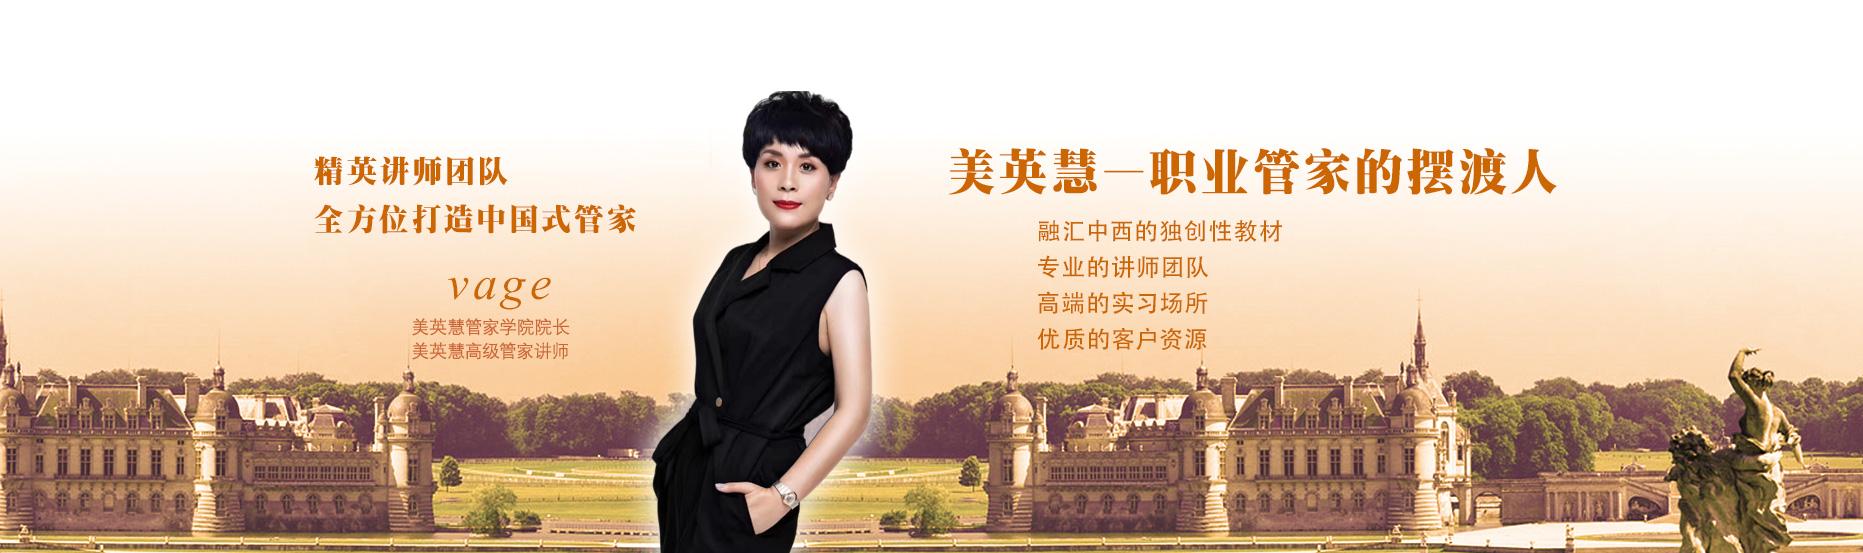 北京管家公司